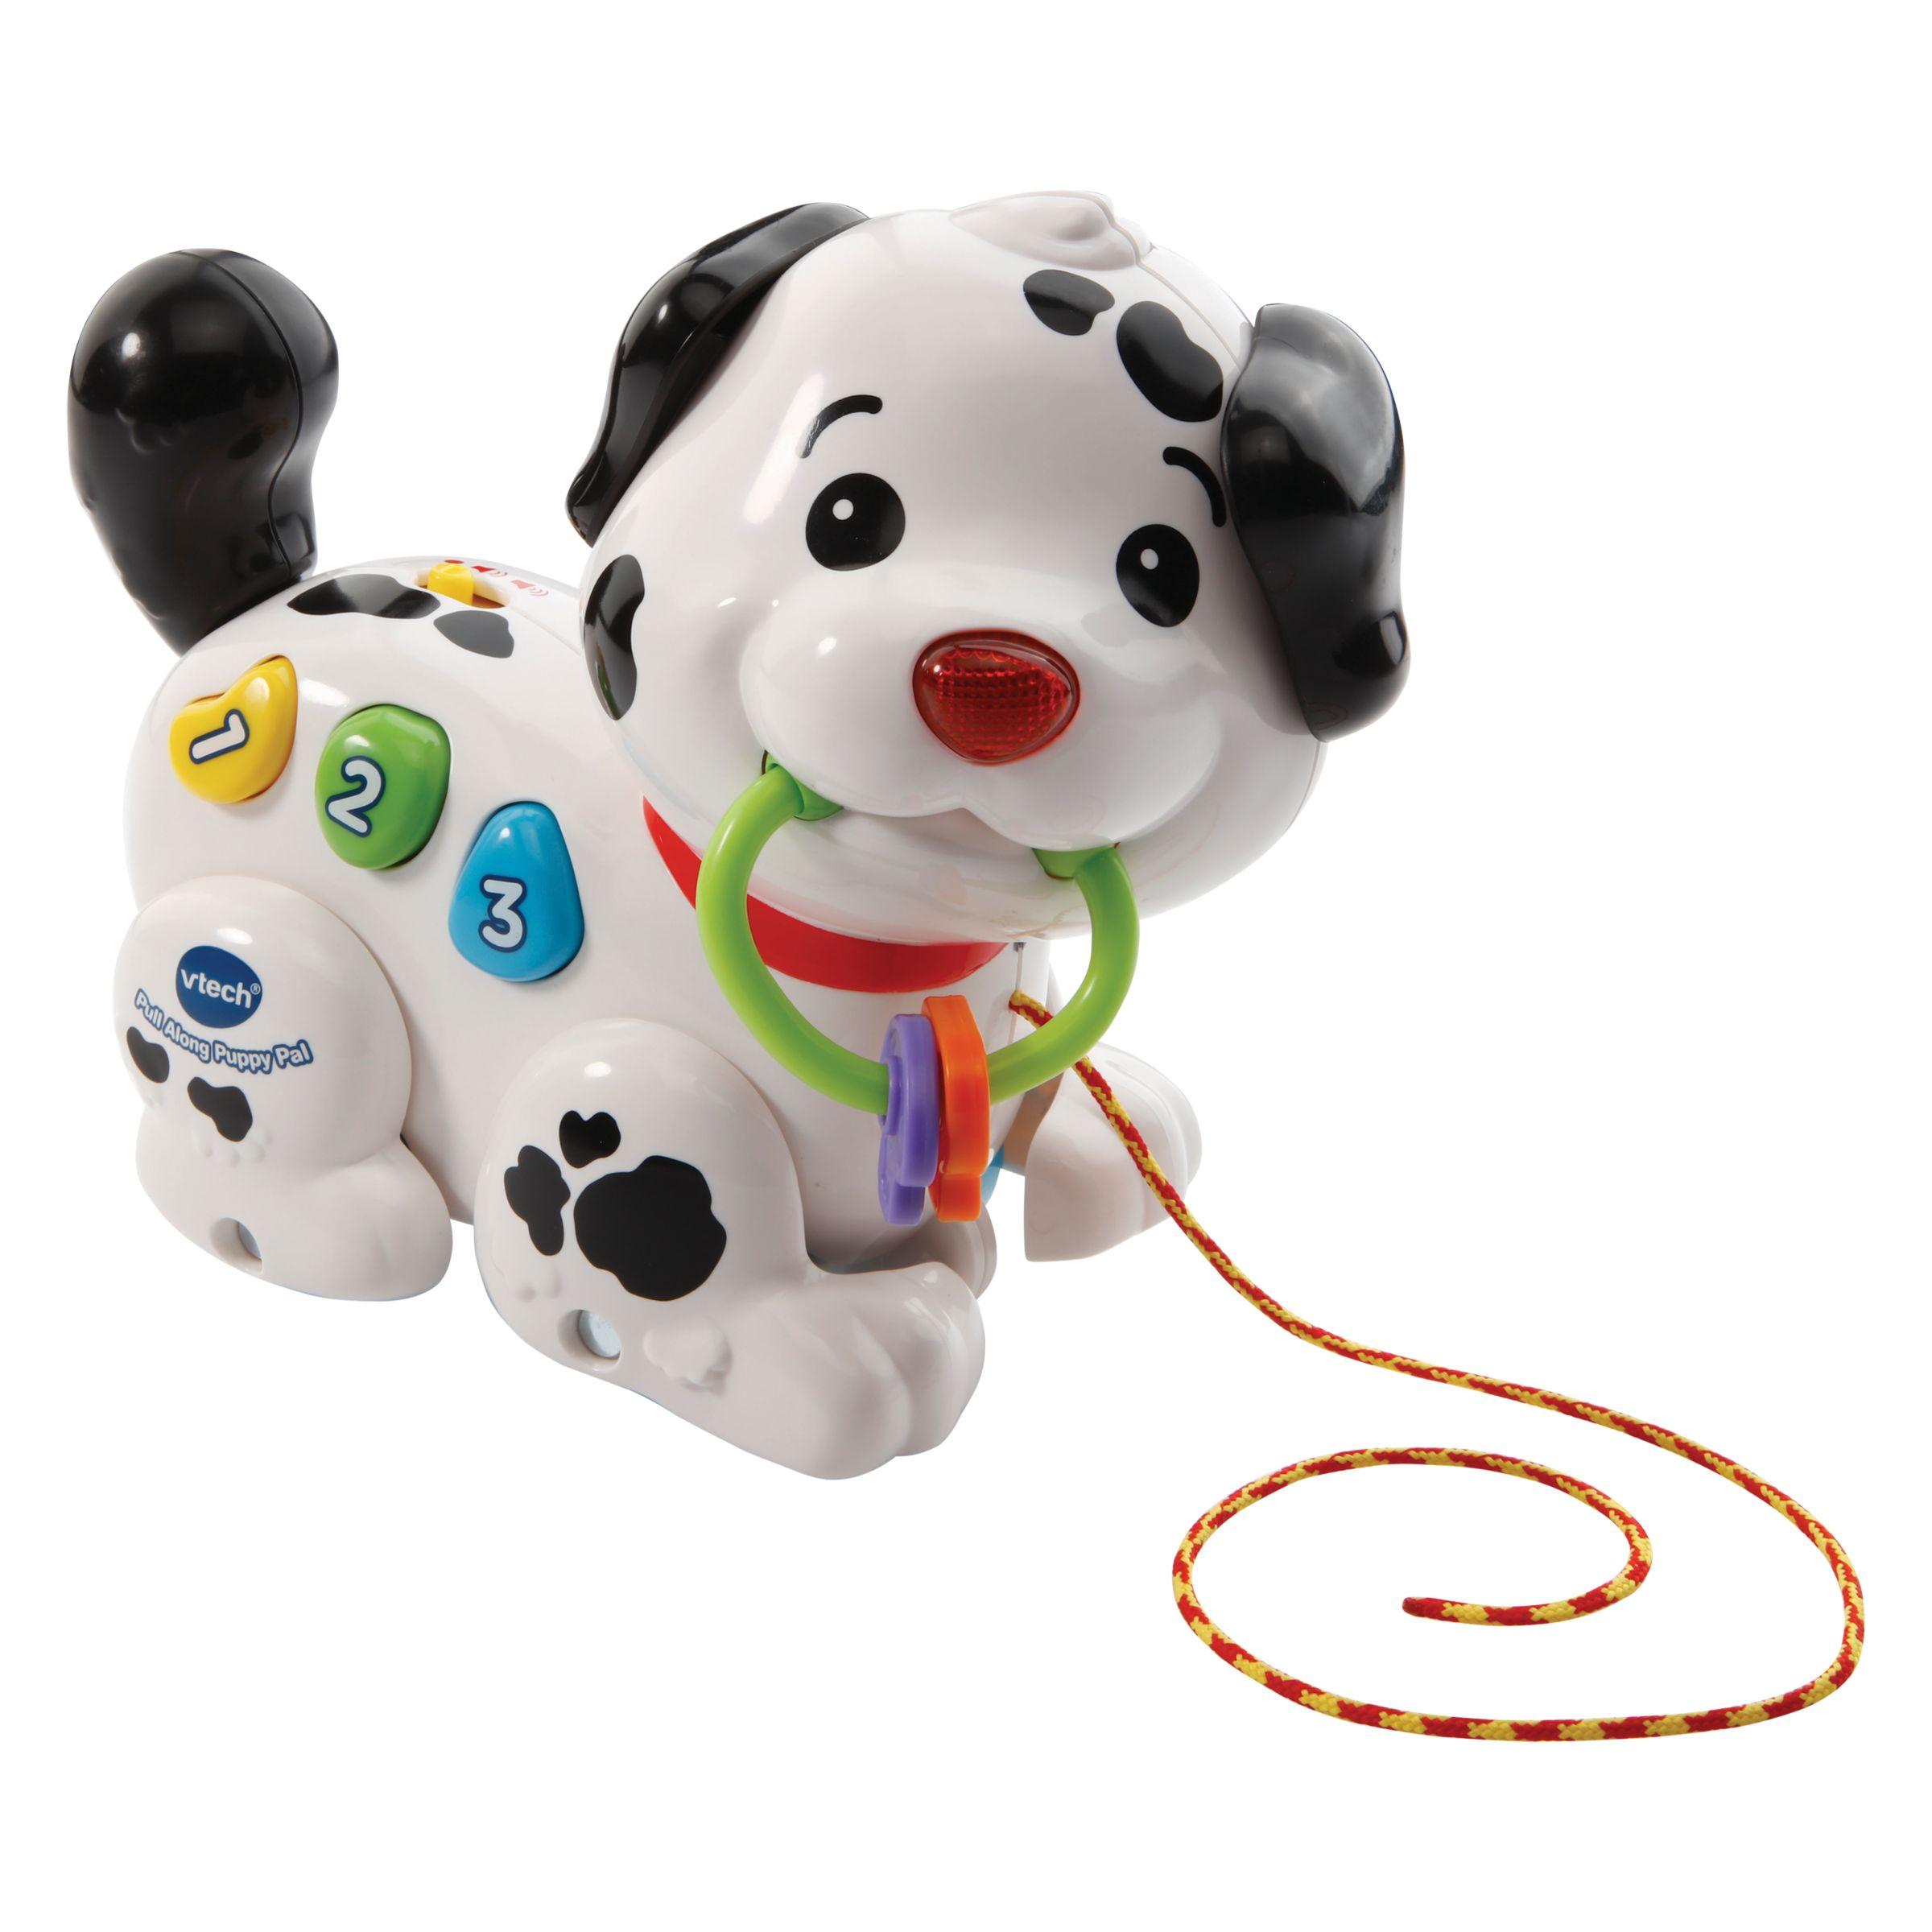 Vtech VTech Pull Along Puppy Pal